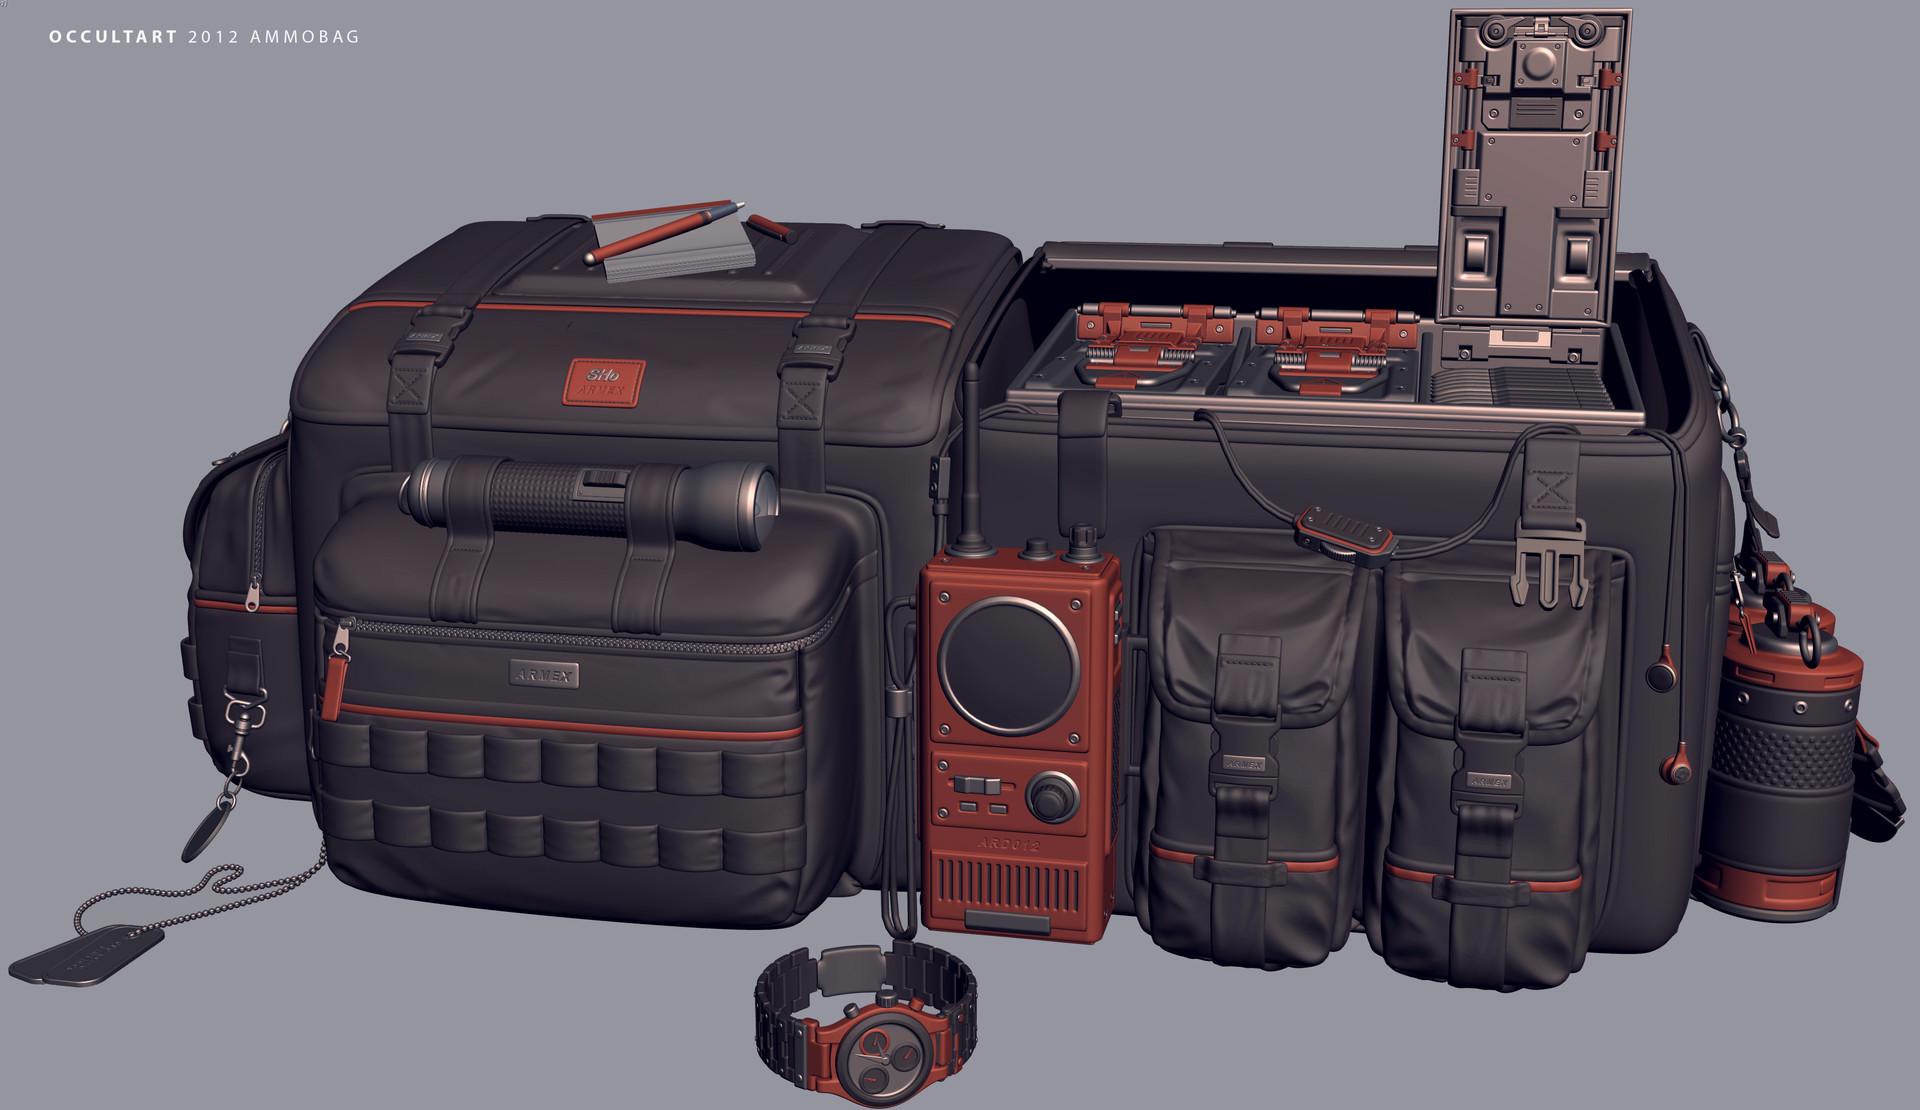 Occultart   ammobag 9